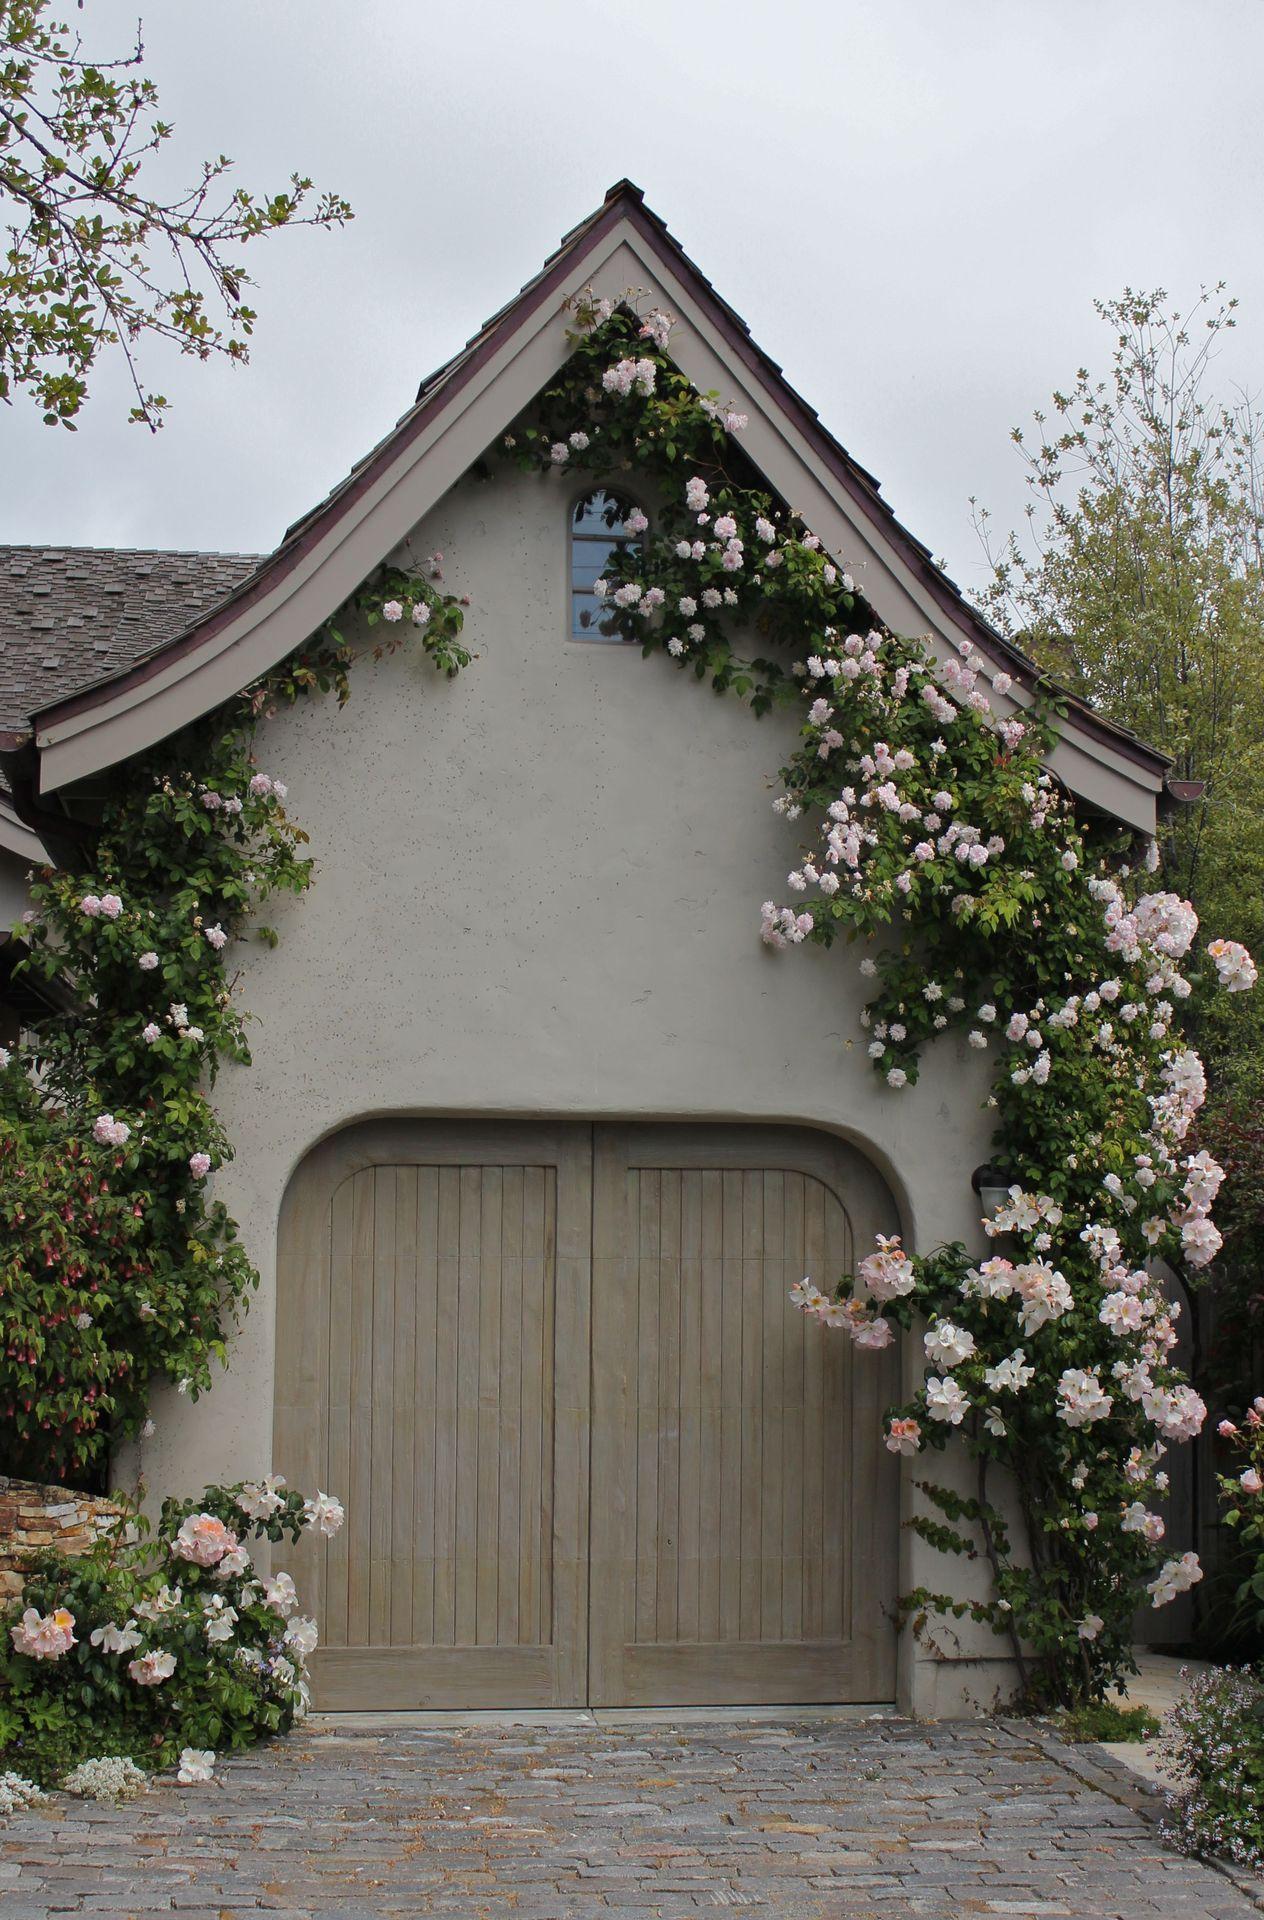 Rustic Exterior Design Ideas Pictures Remodel And Decor House Design Pictures Rustic Exterior Traditional Exterior